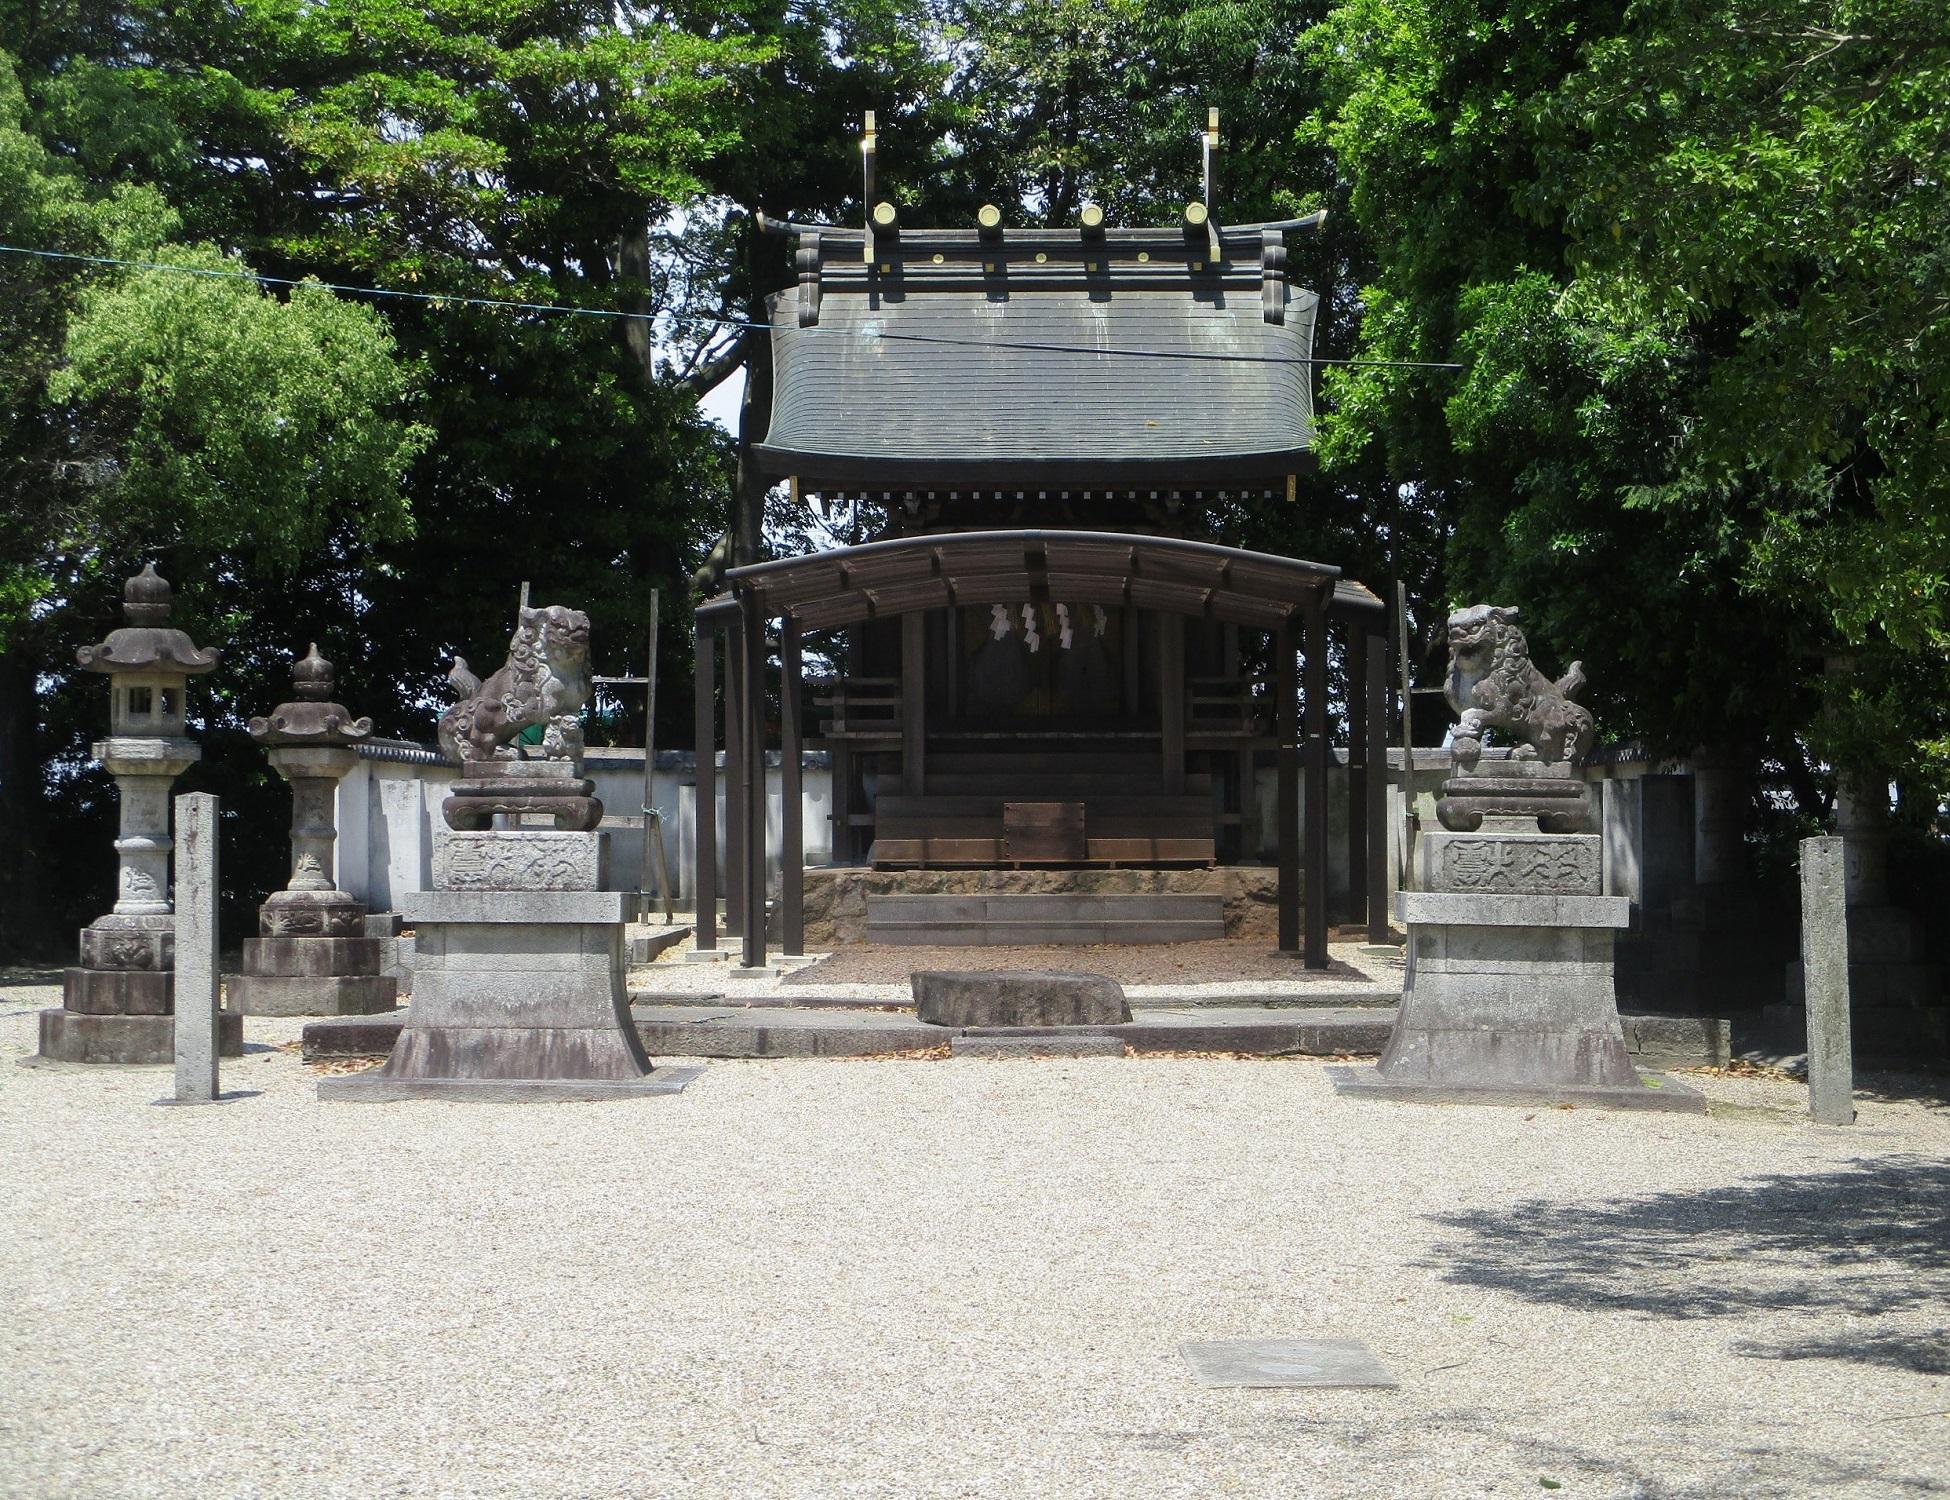 2020.5.13 (7) 酒人神社 - 本殿 1950-1500